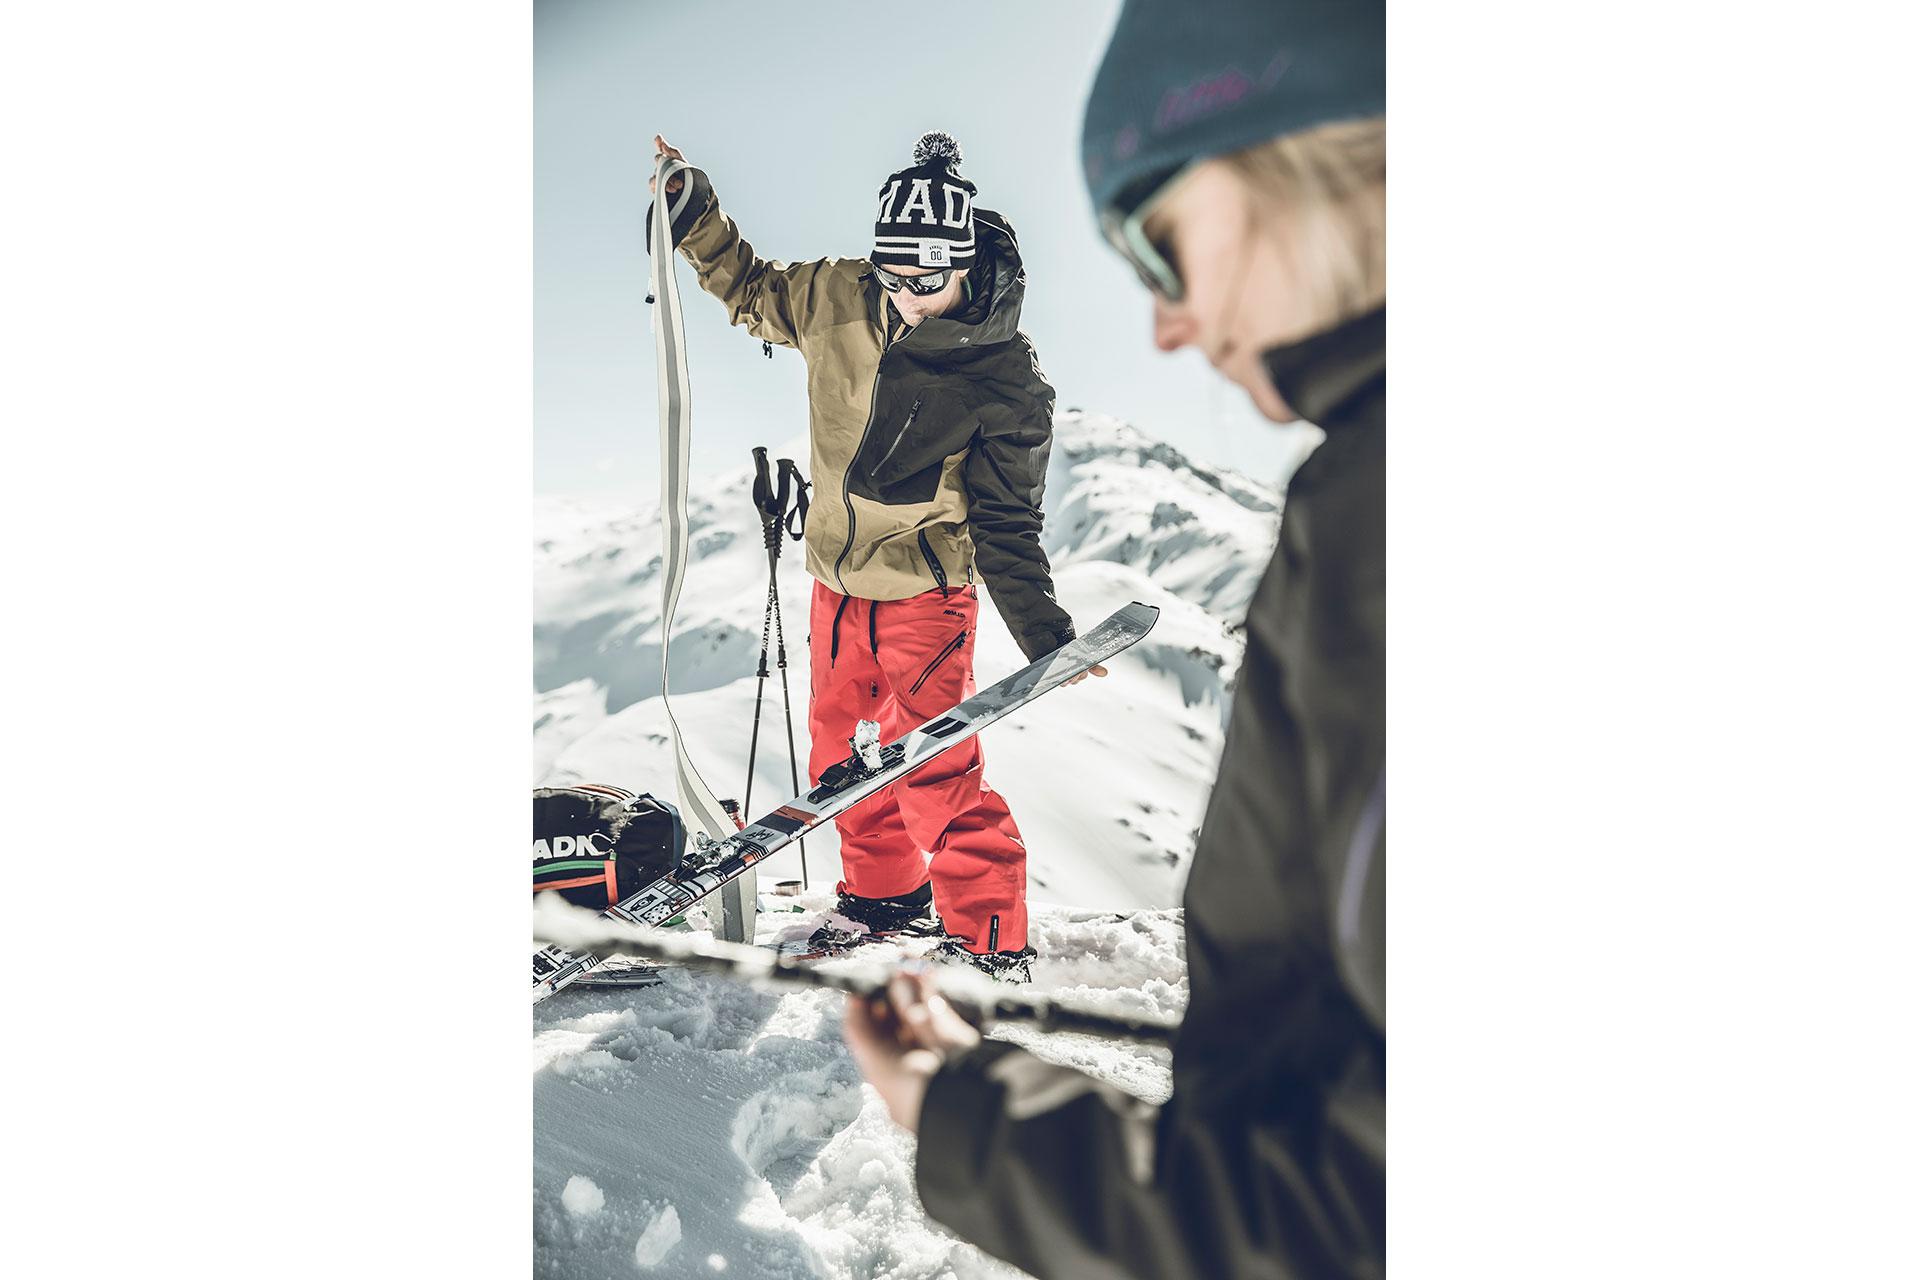 Skitour Fotograf Winter Sport Tiefschnee Aufstieg Felle Zürich Schweiz Michael Müller